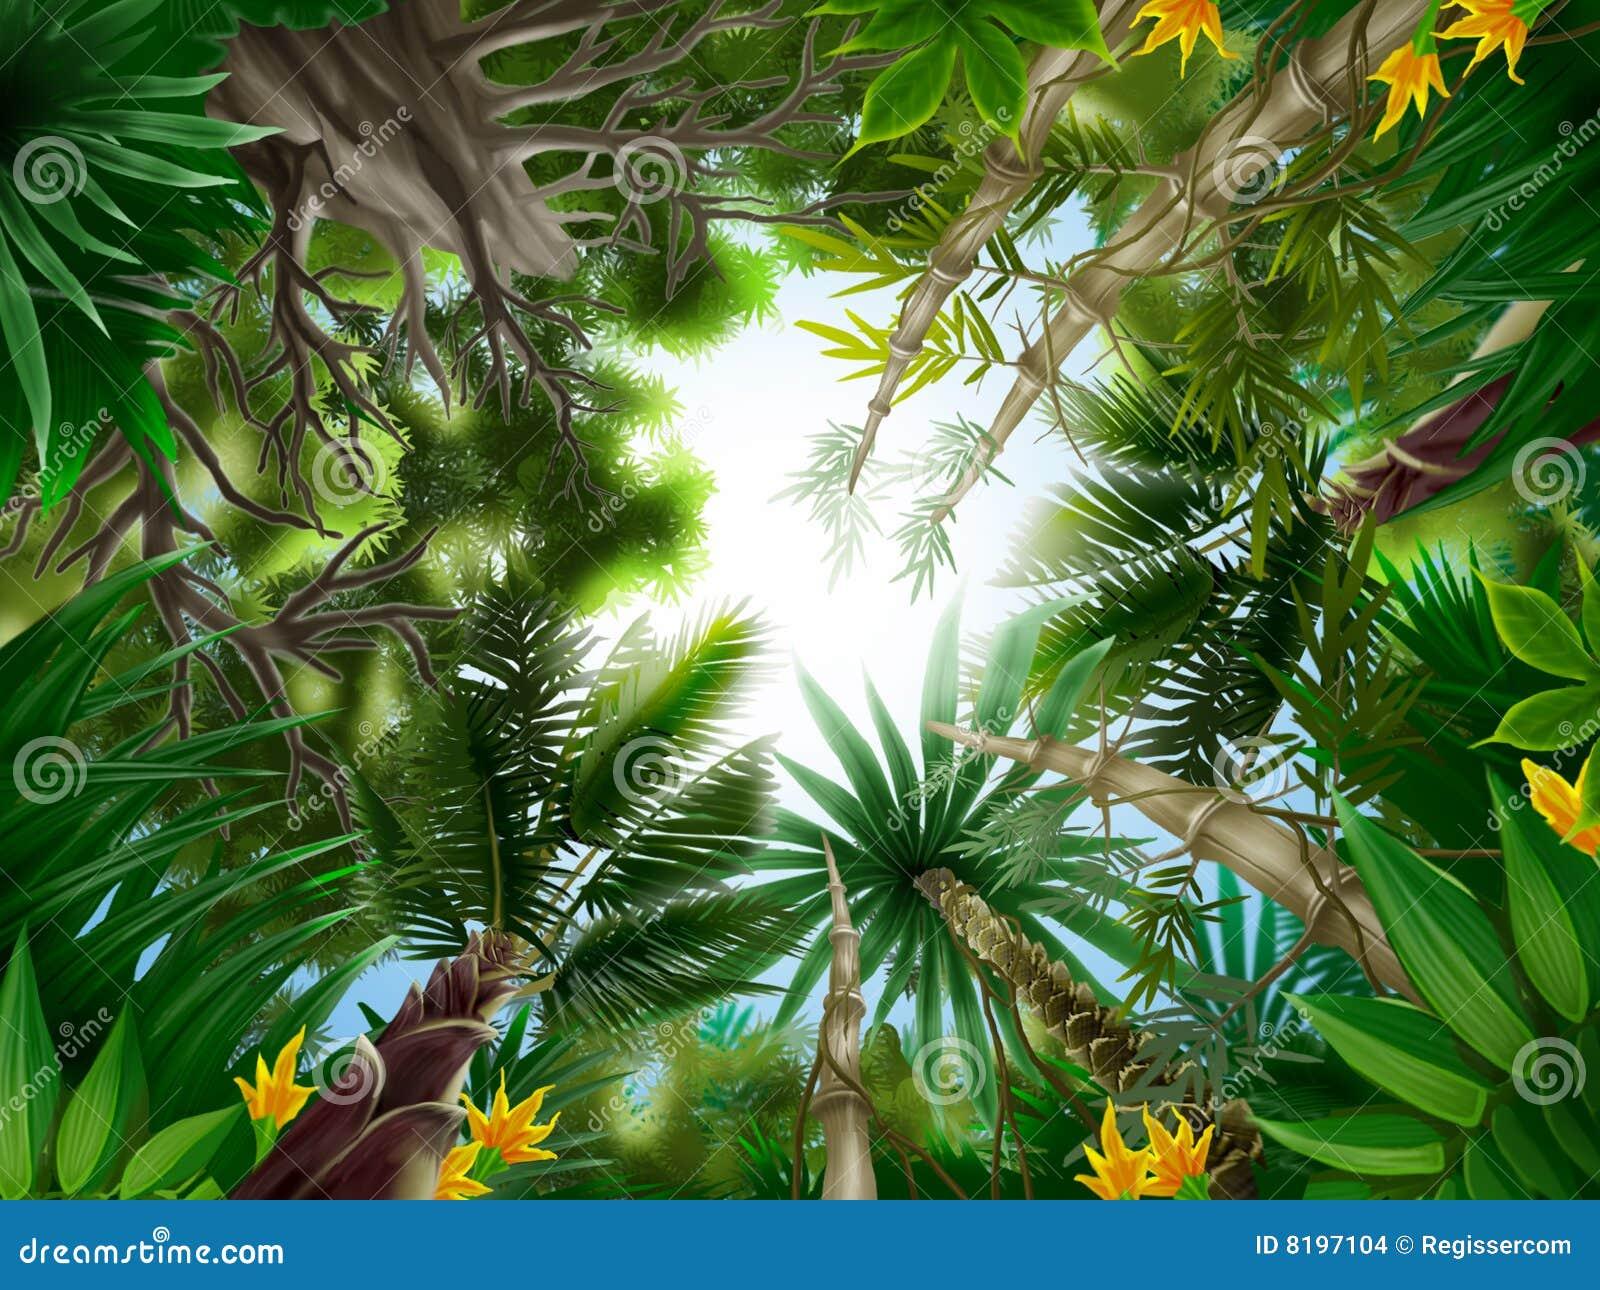 底部森林例证热带视图.图片